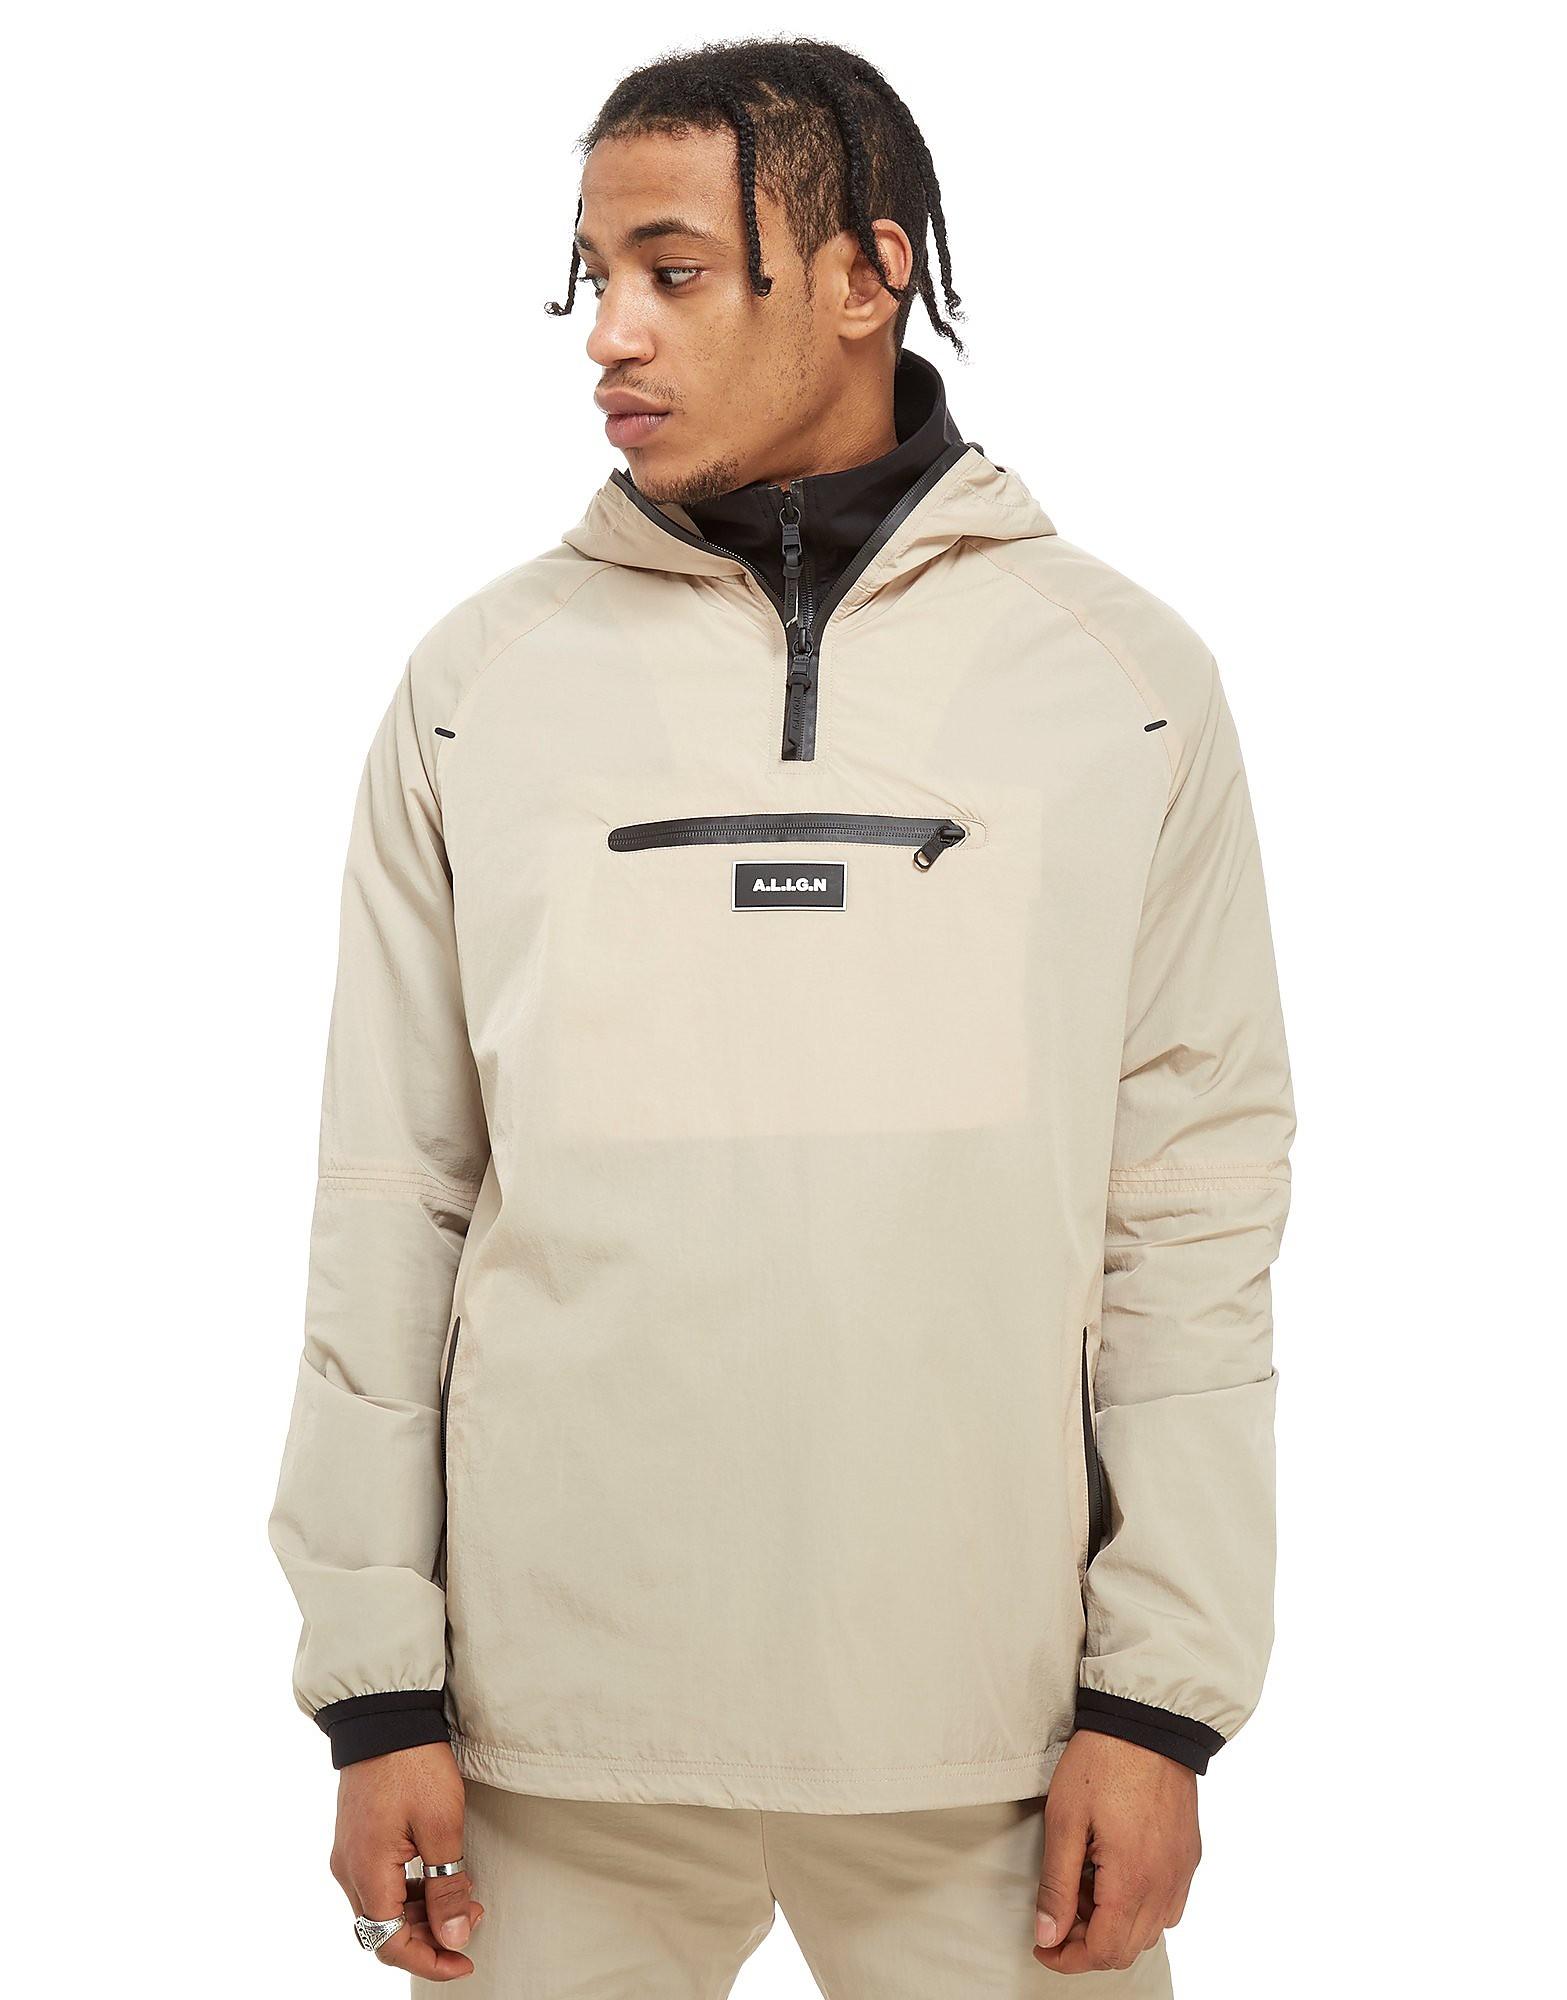 Align Vultee 1/4 Zip Jacket